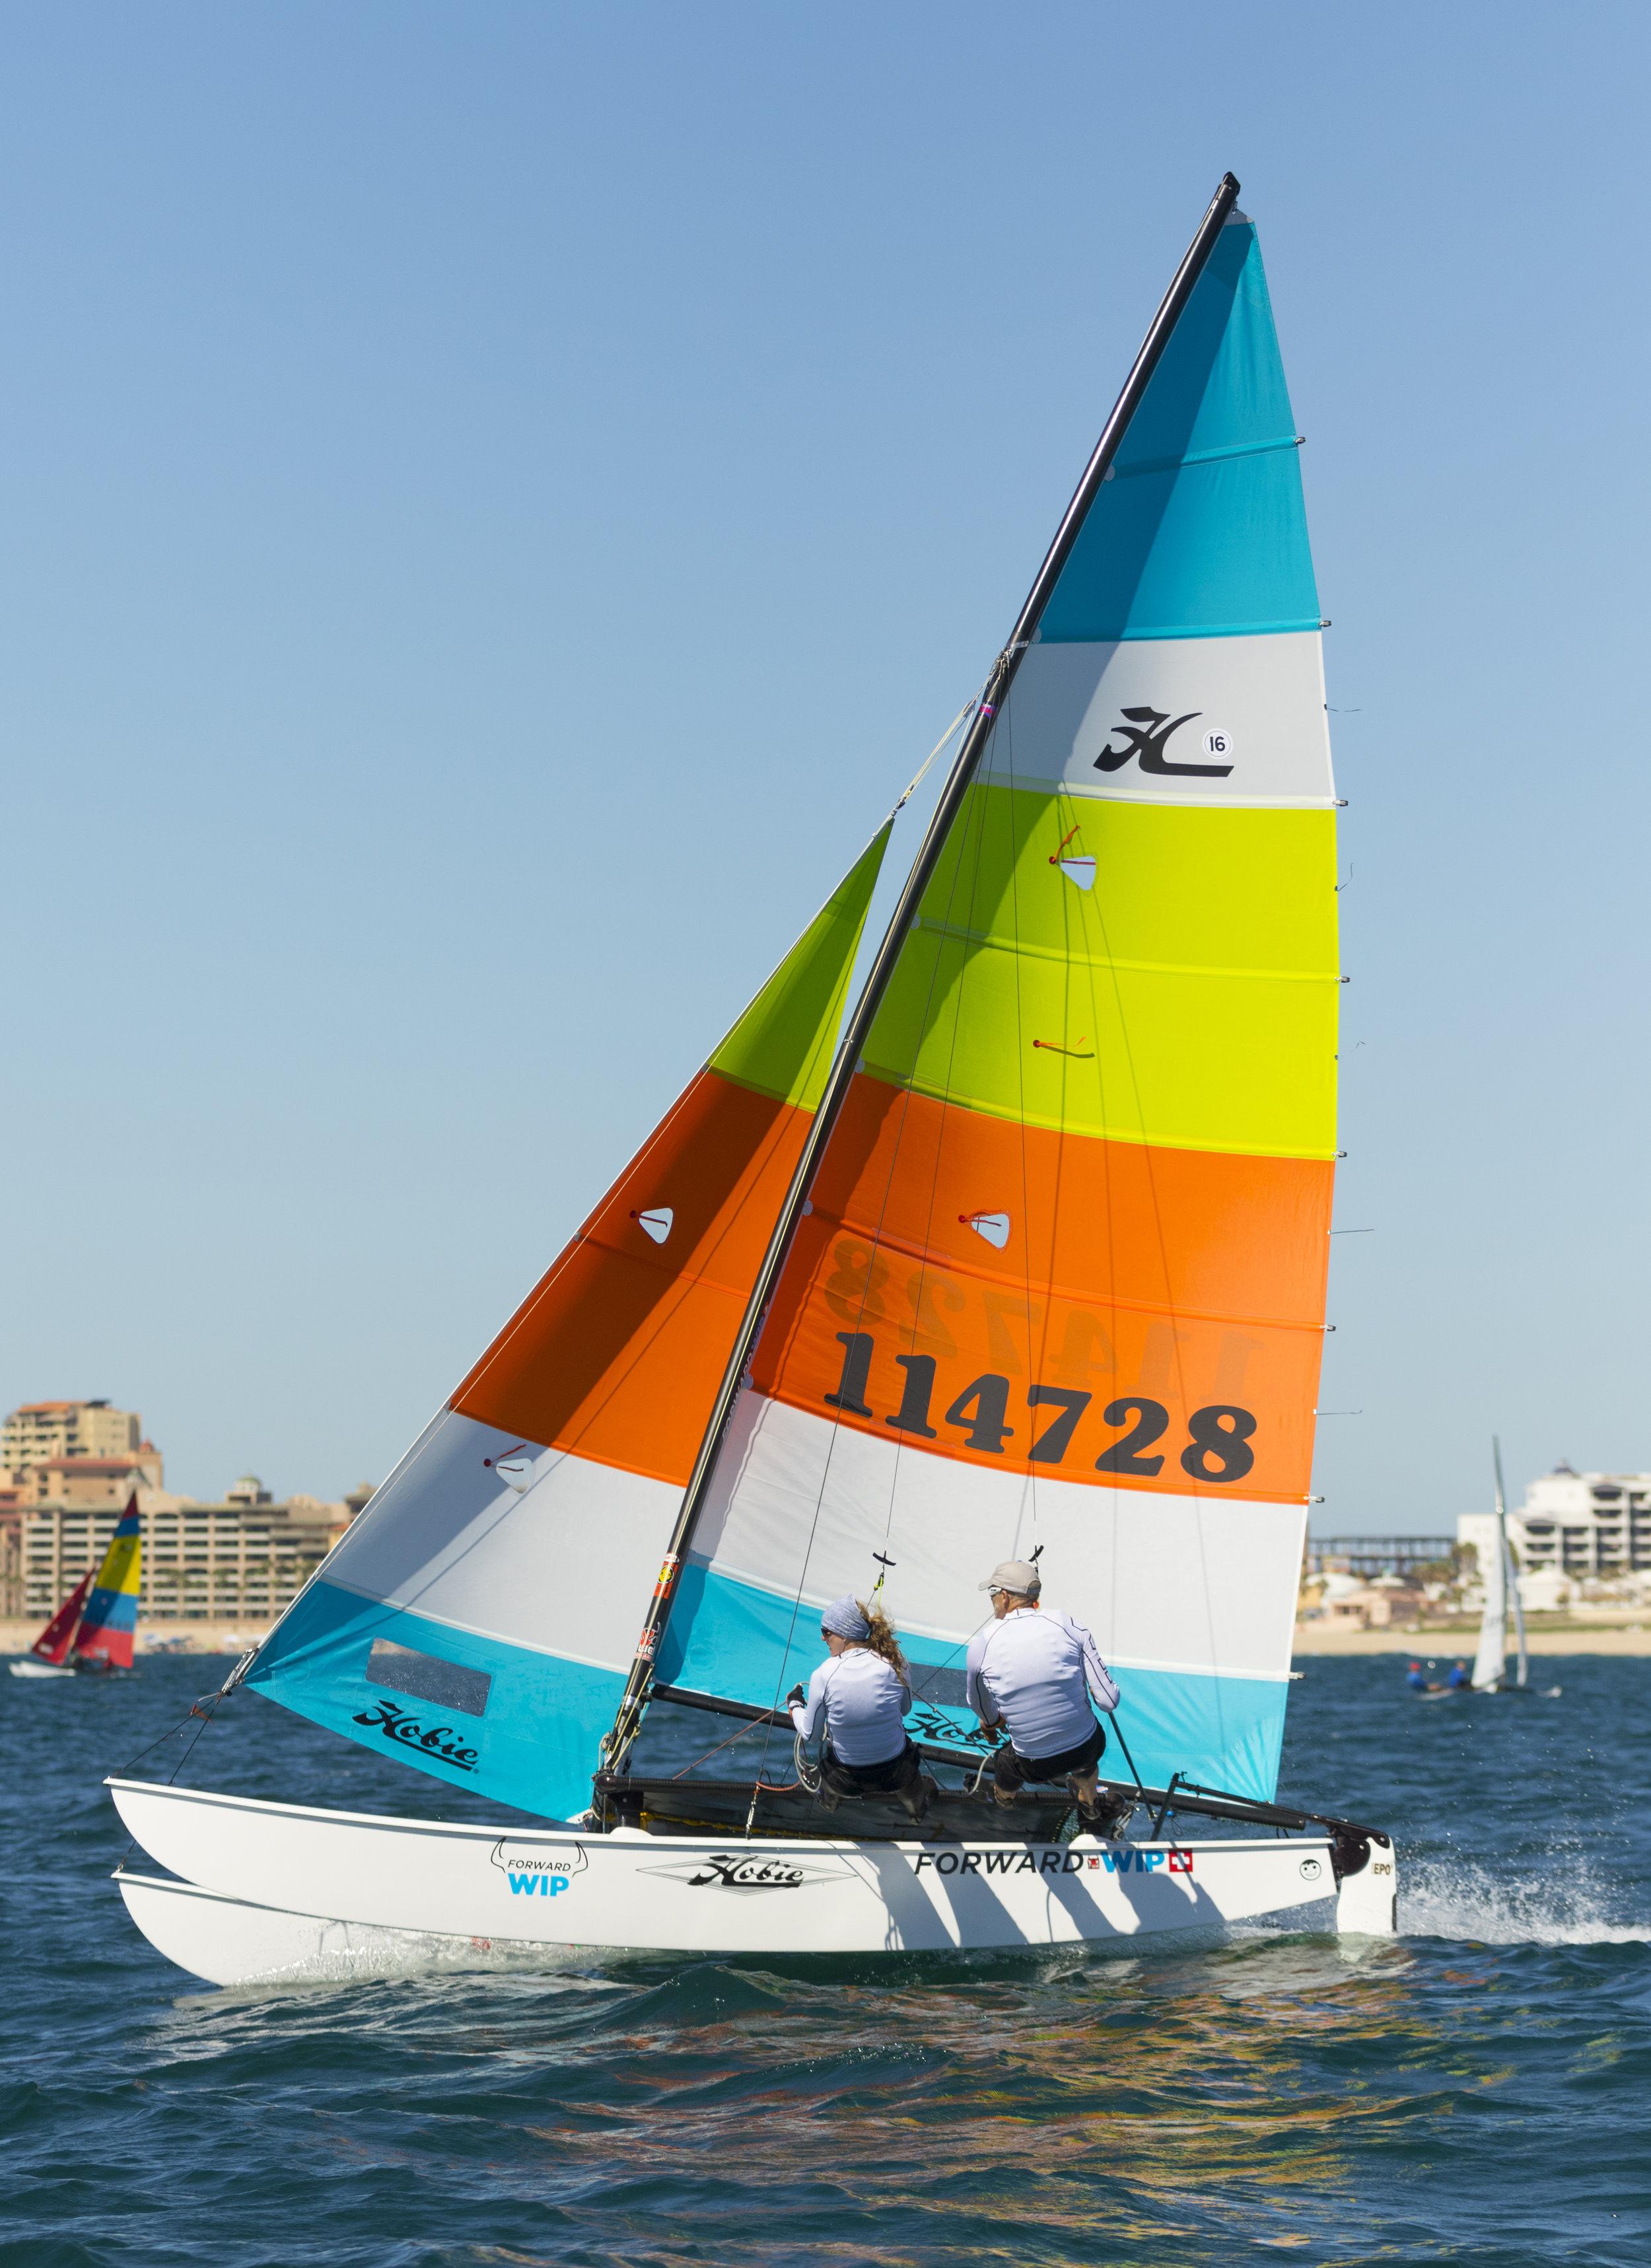 H16-action-racing-Tortola-Newsome-5162-full.jpg